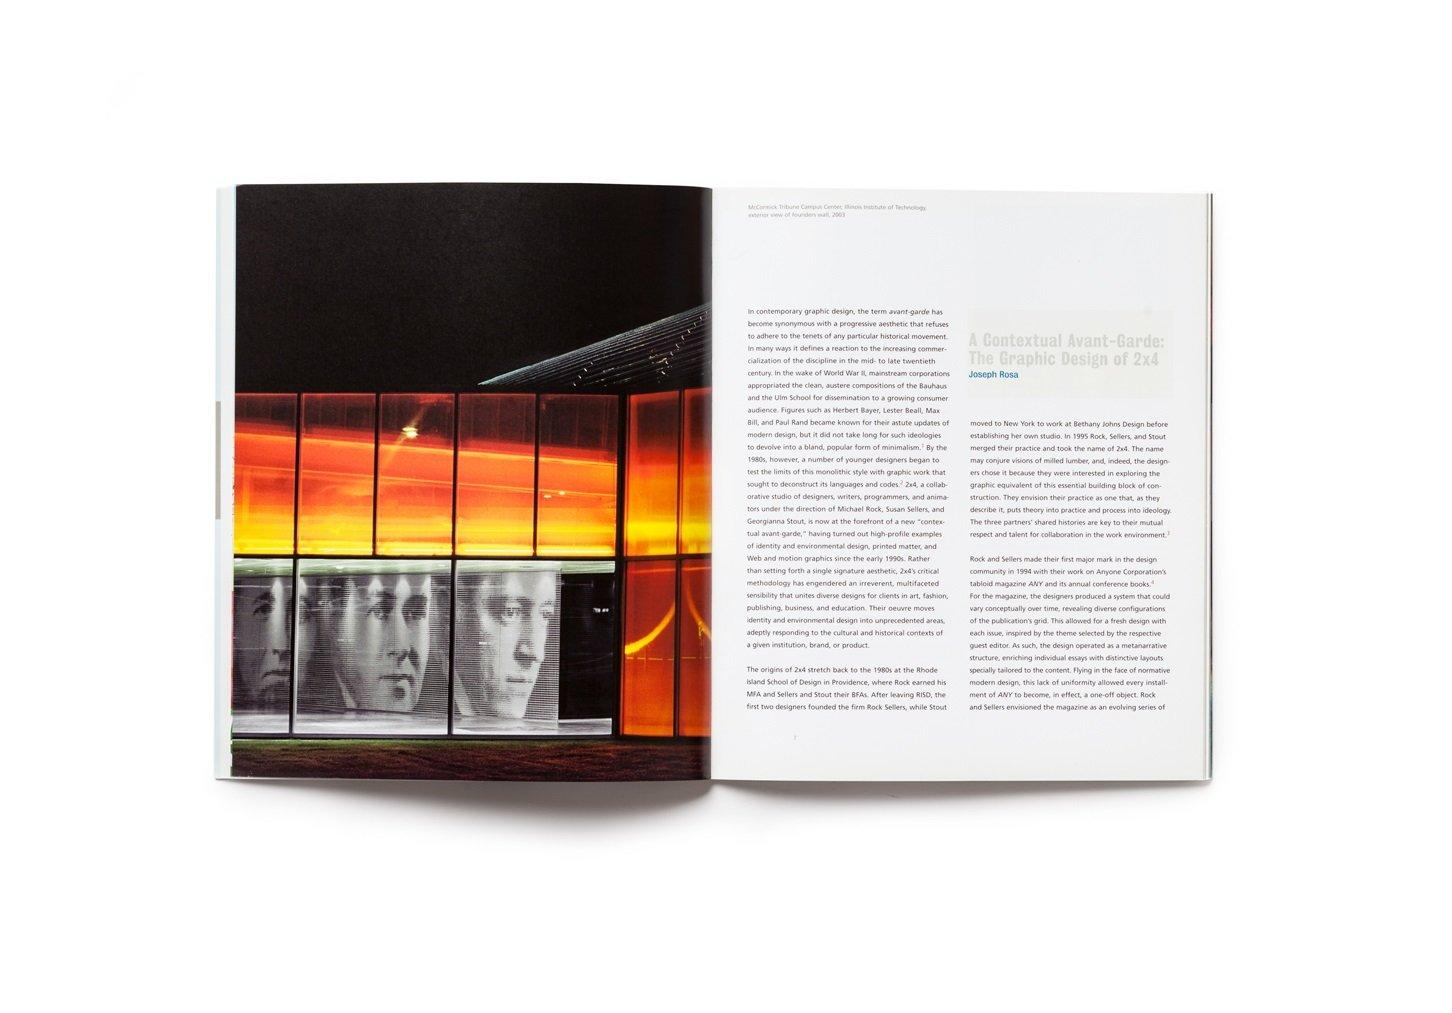 2x4/design series 3 publication pages 6-7